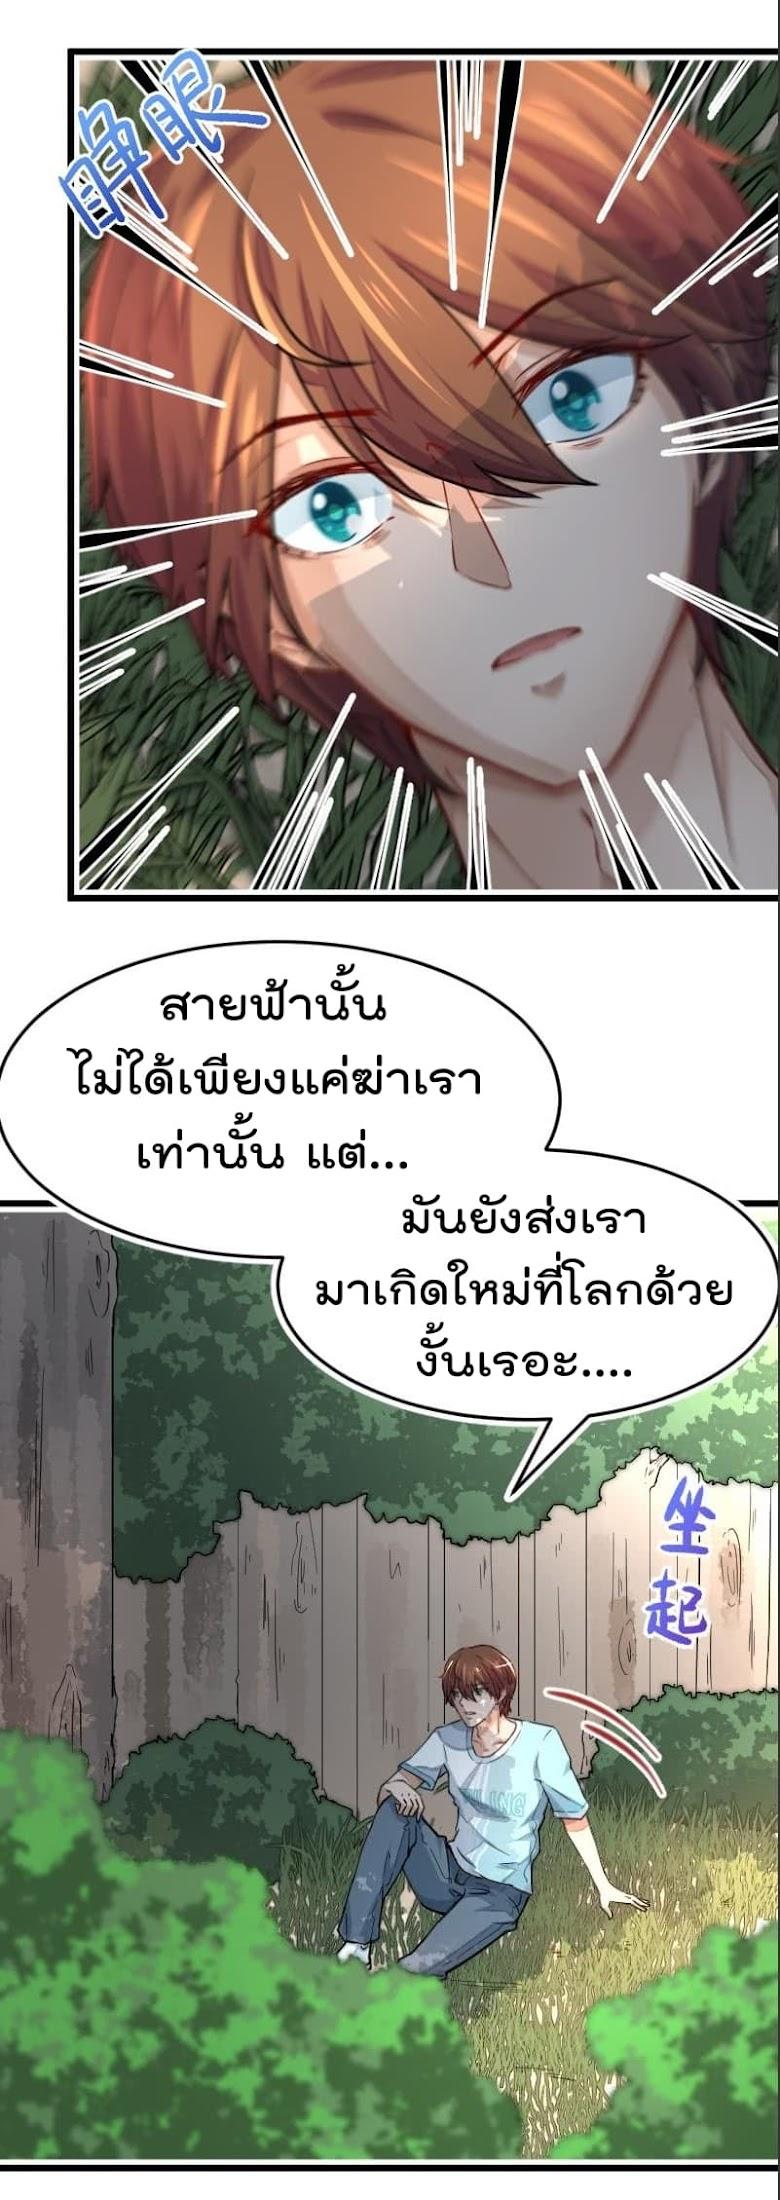 Master Cultivation Return - หน้า 4